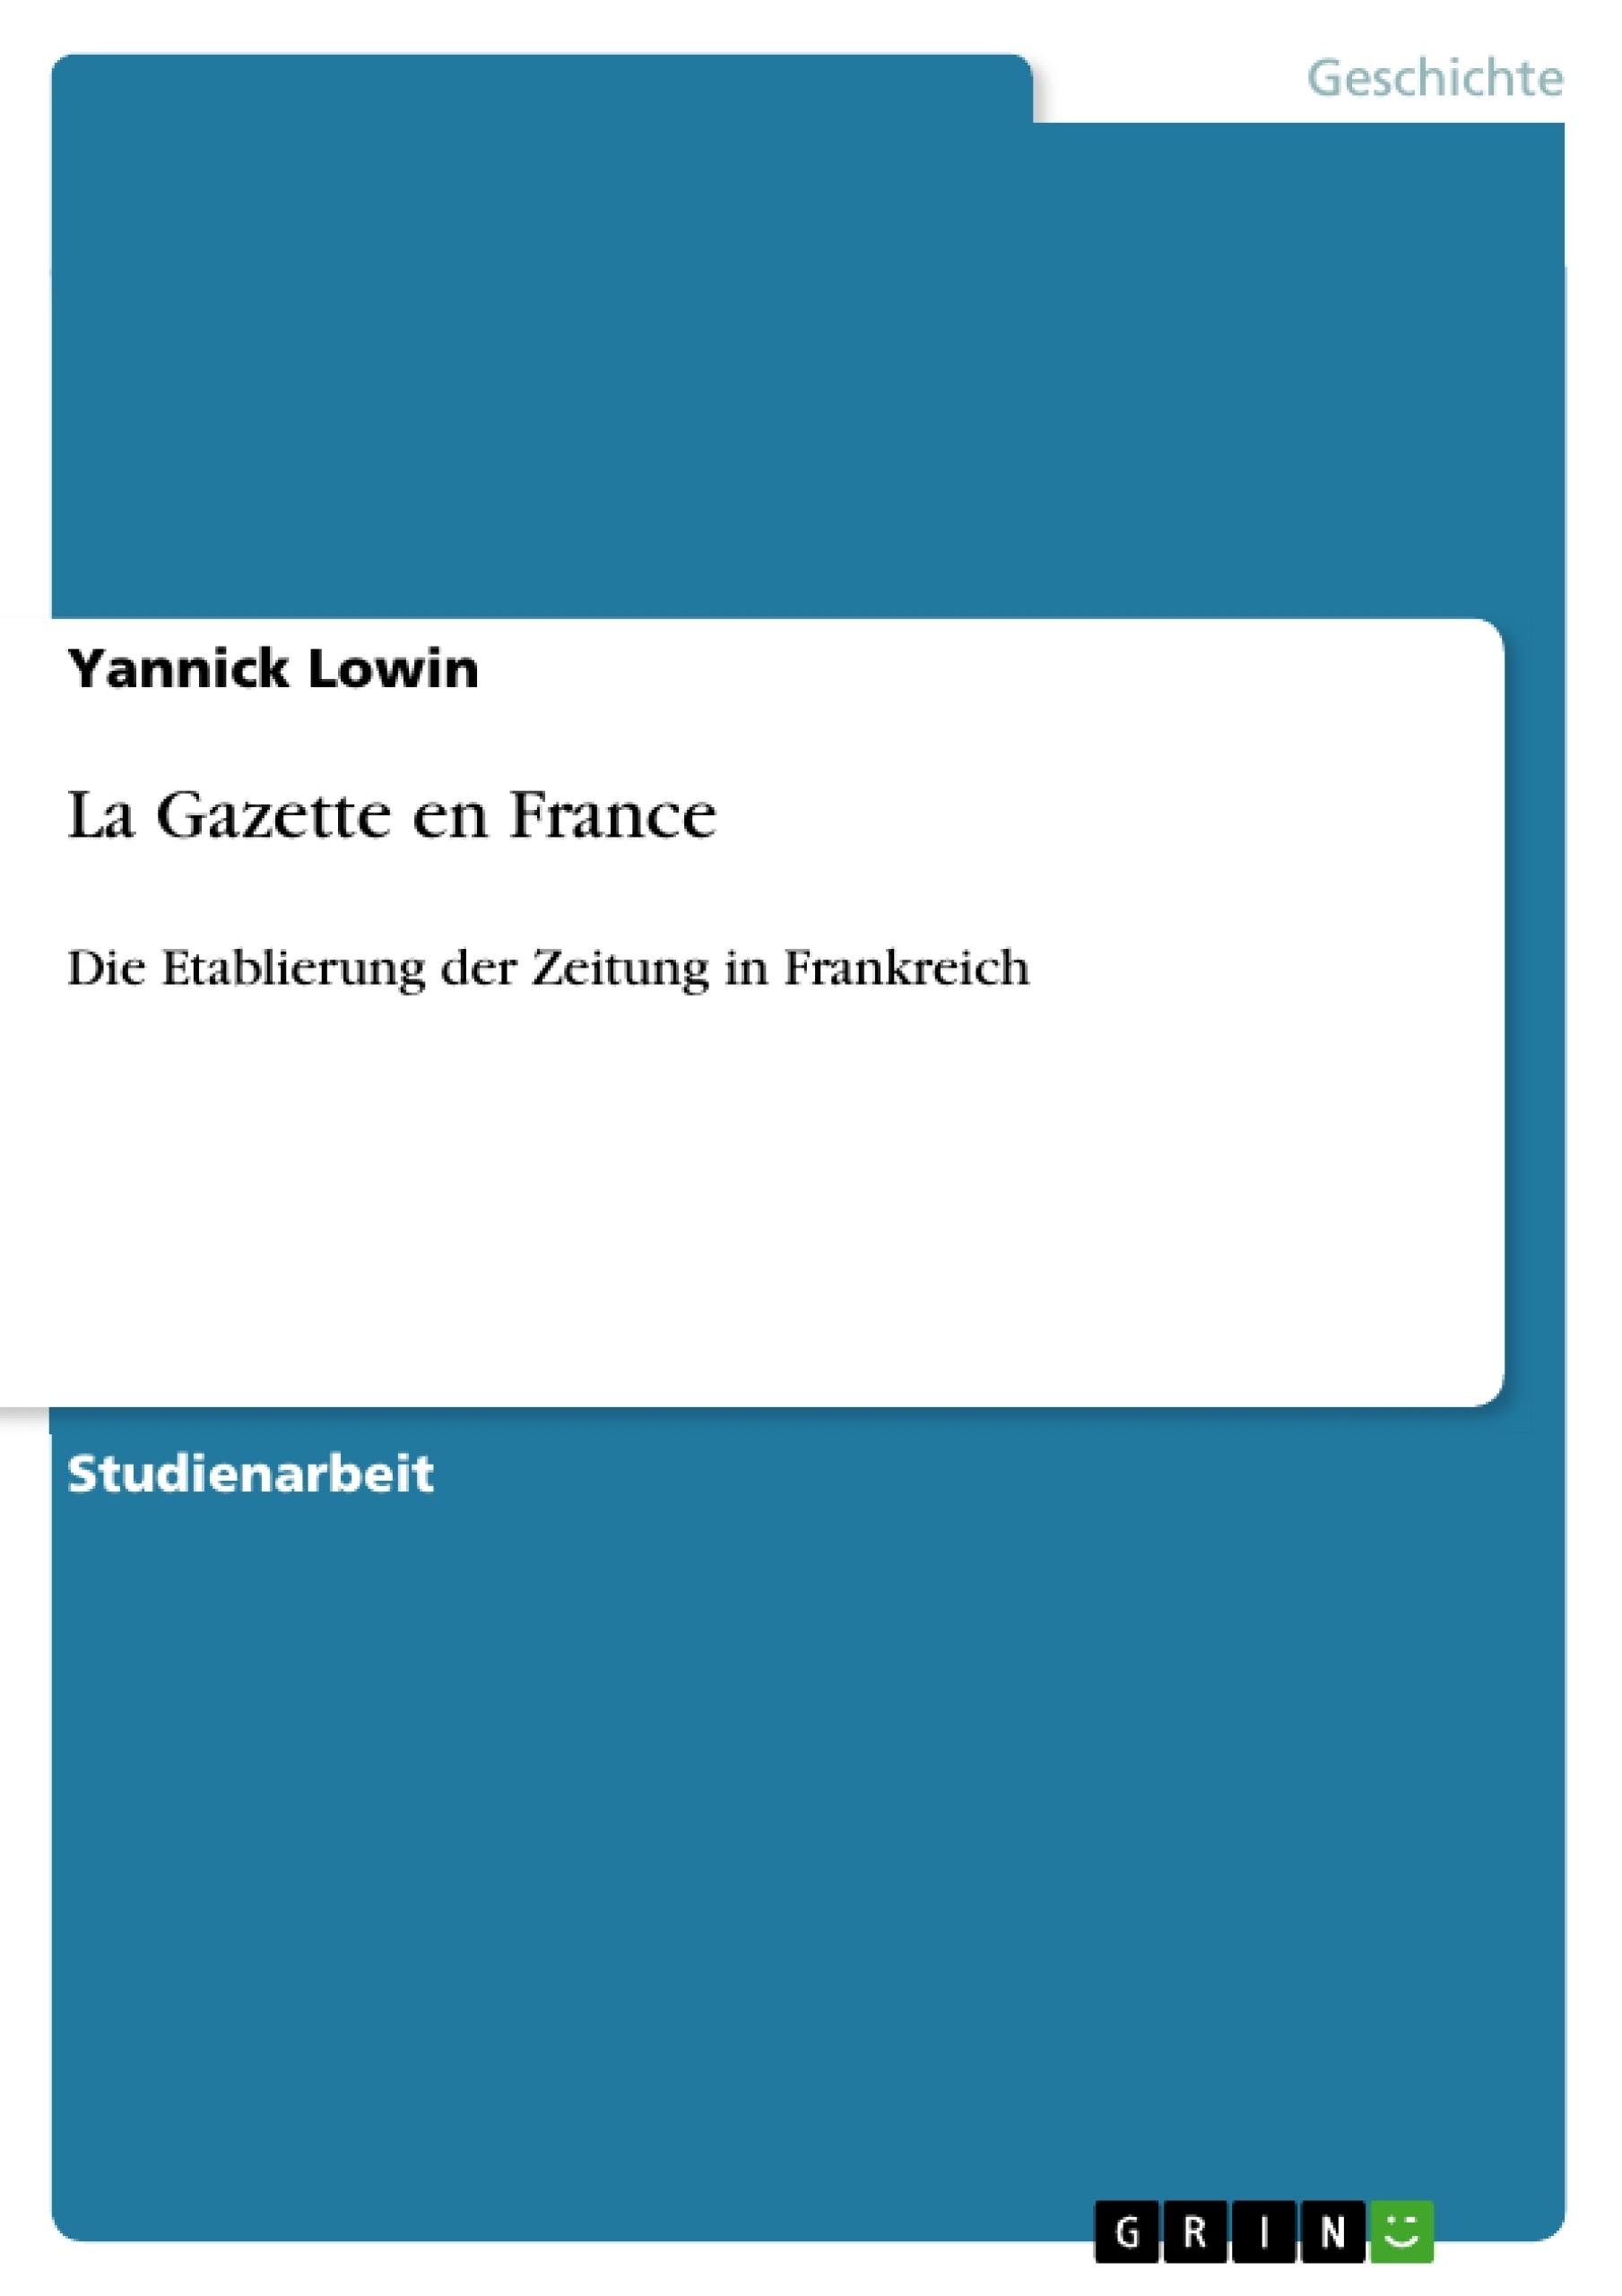 Titel: La Gazette en France